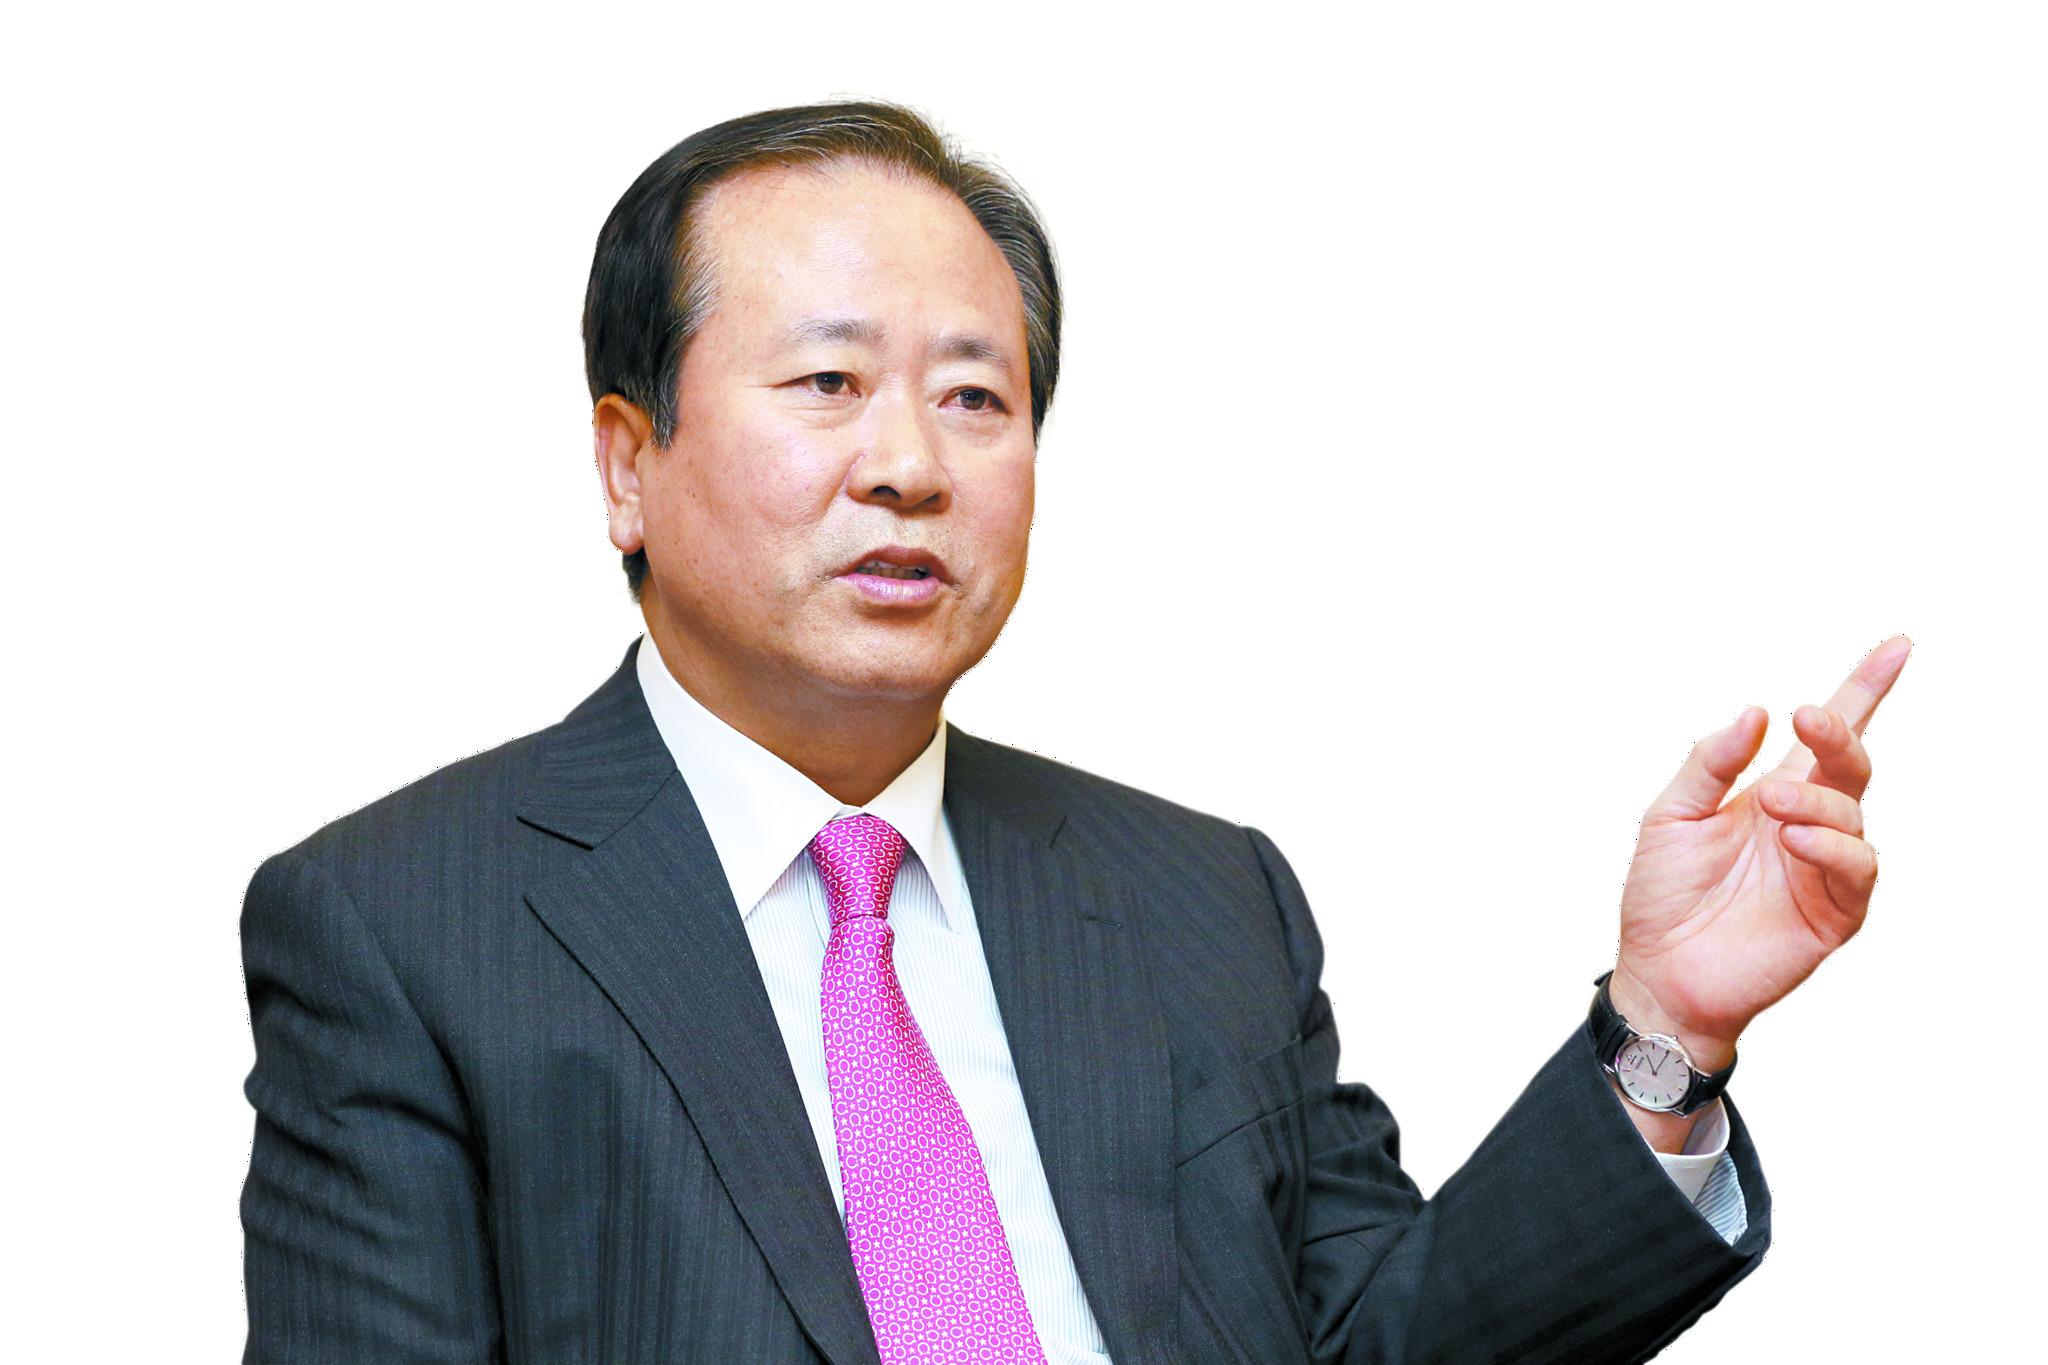 신상훈 전 신한금융지주 사장